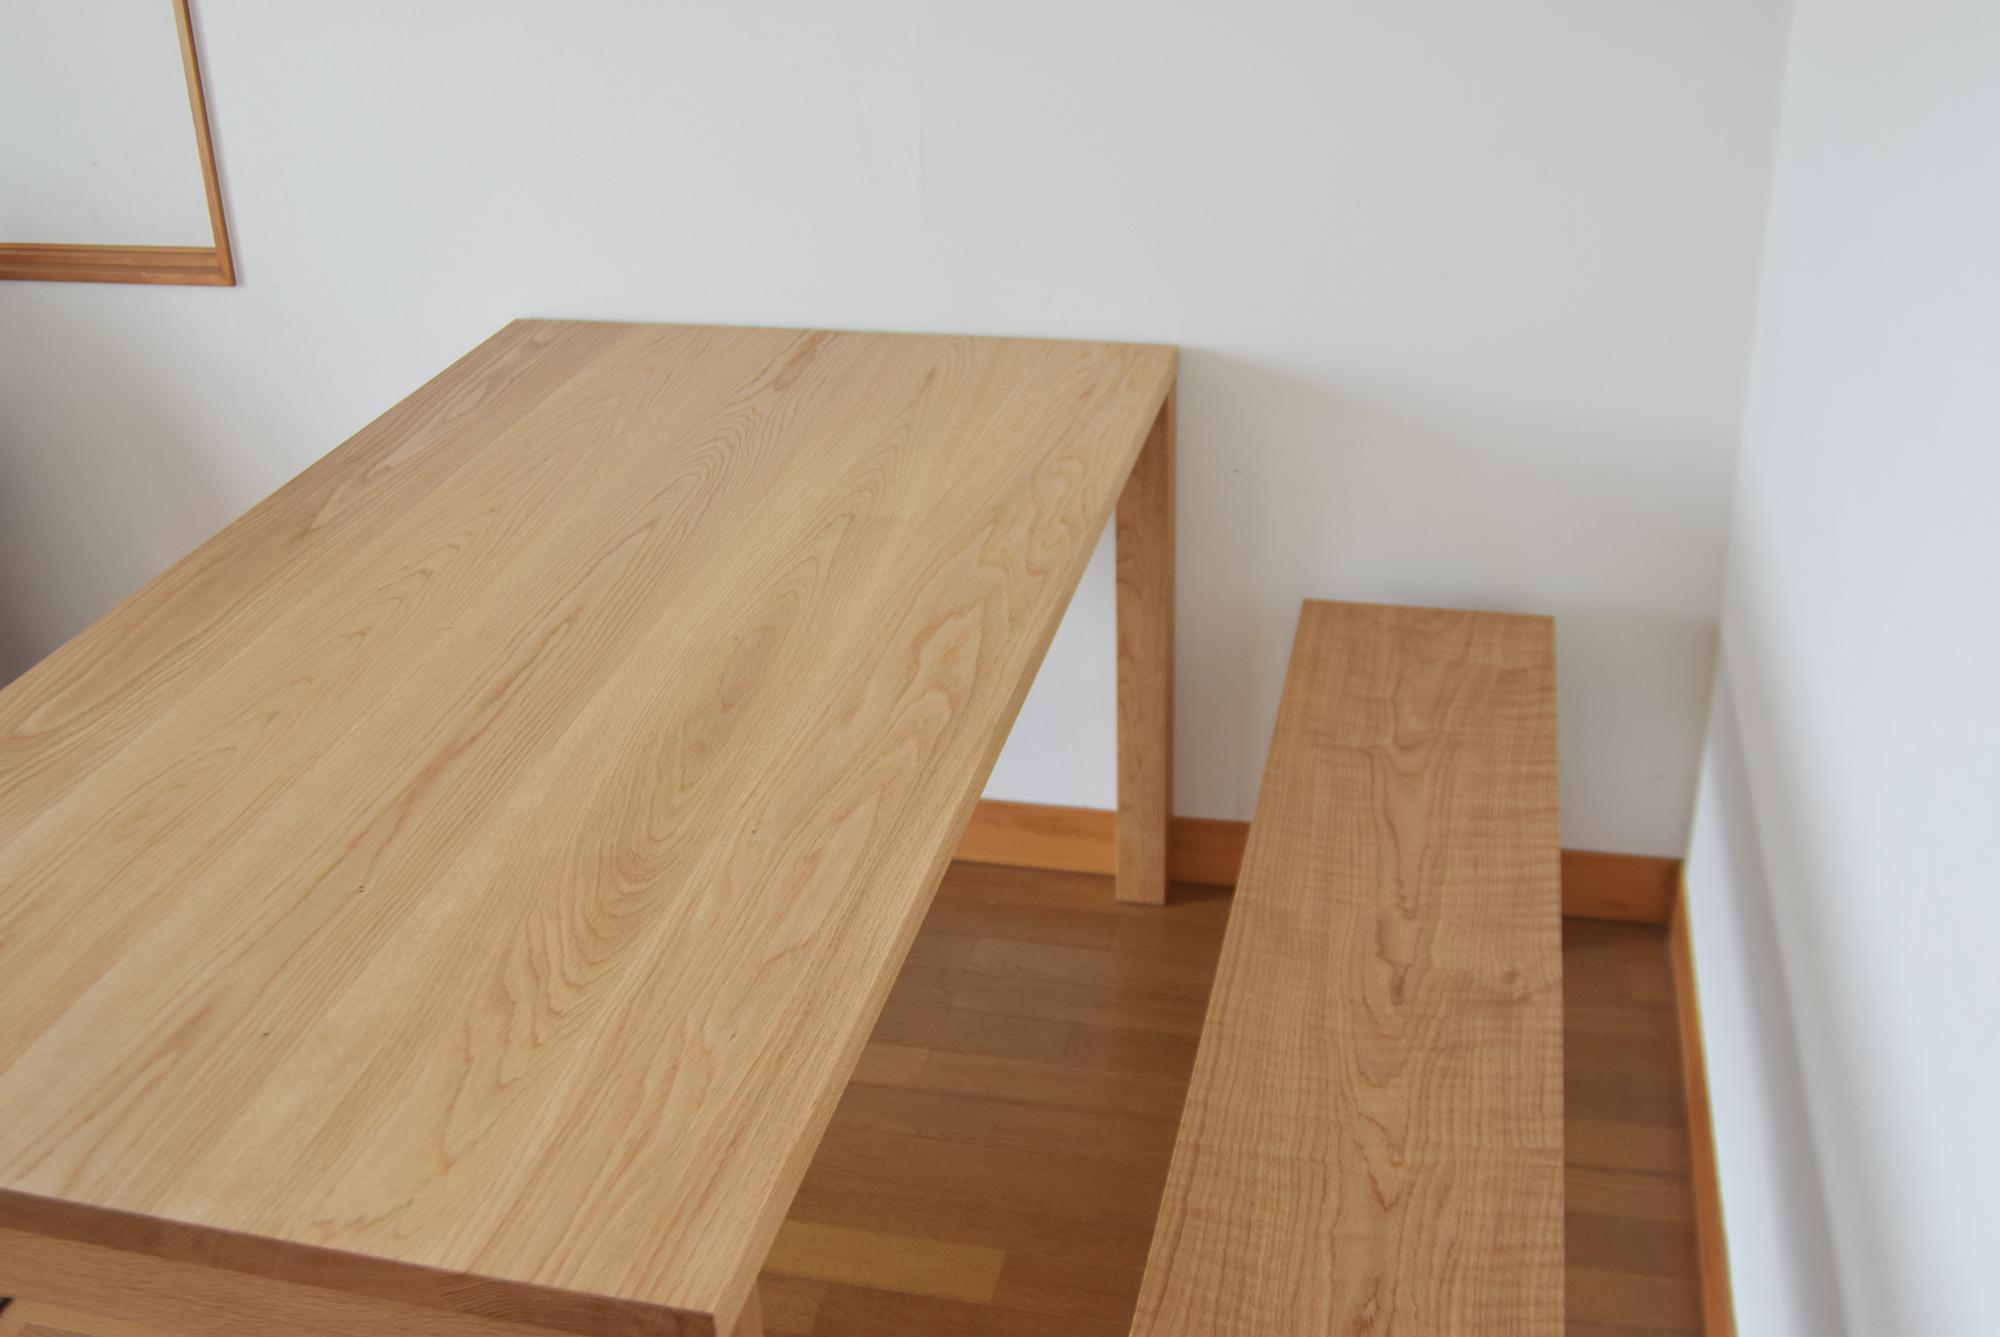 ナラ材の木目が穏やかな表情のテーブルとベンチ